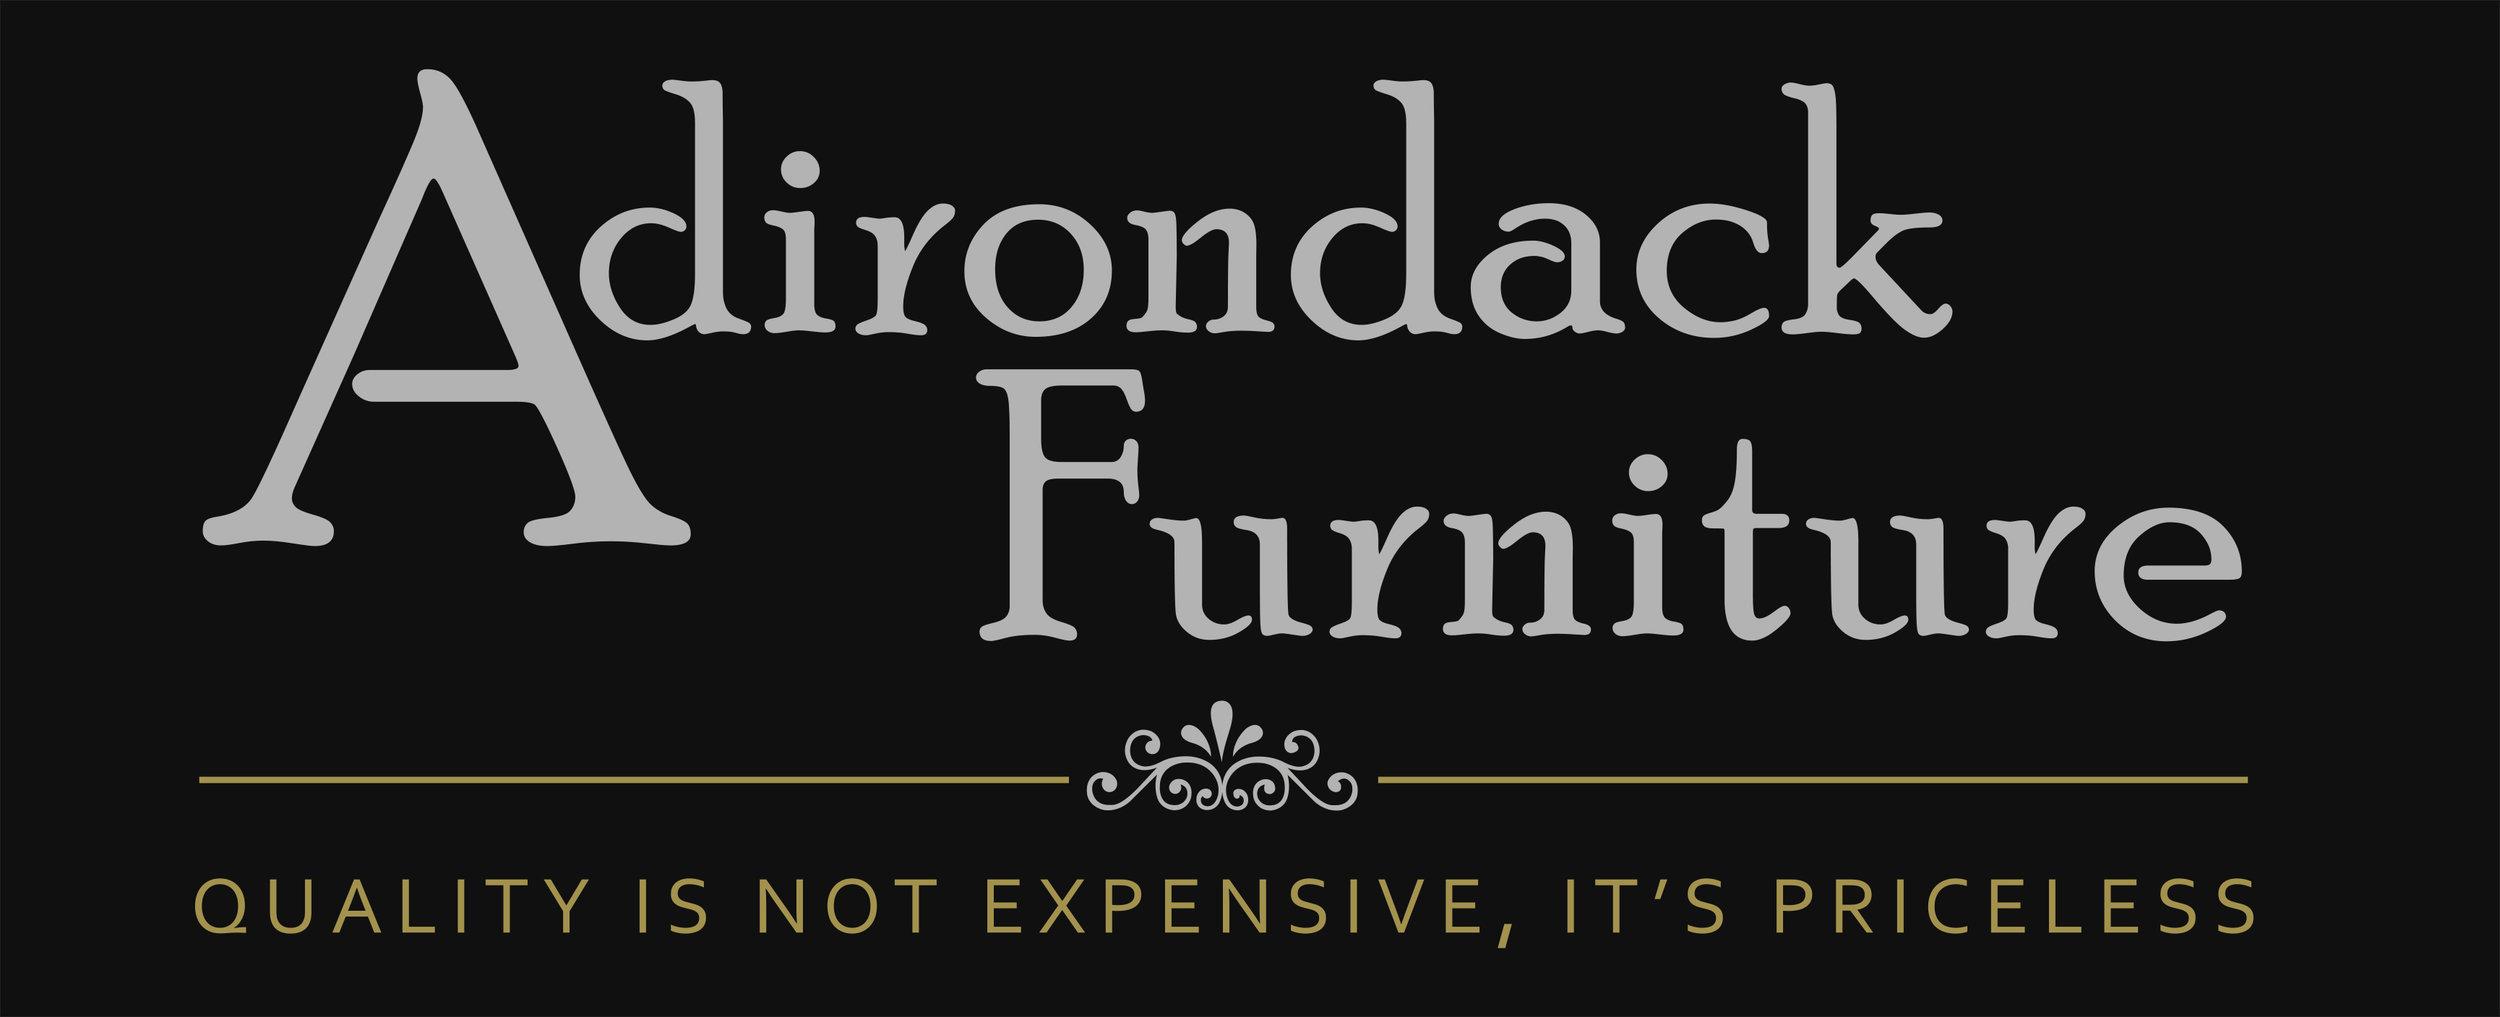 Adirondack Furniture logo 4-25-18.jpg